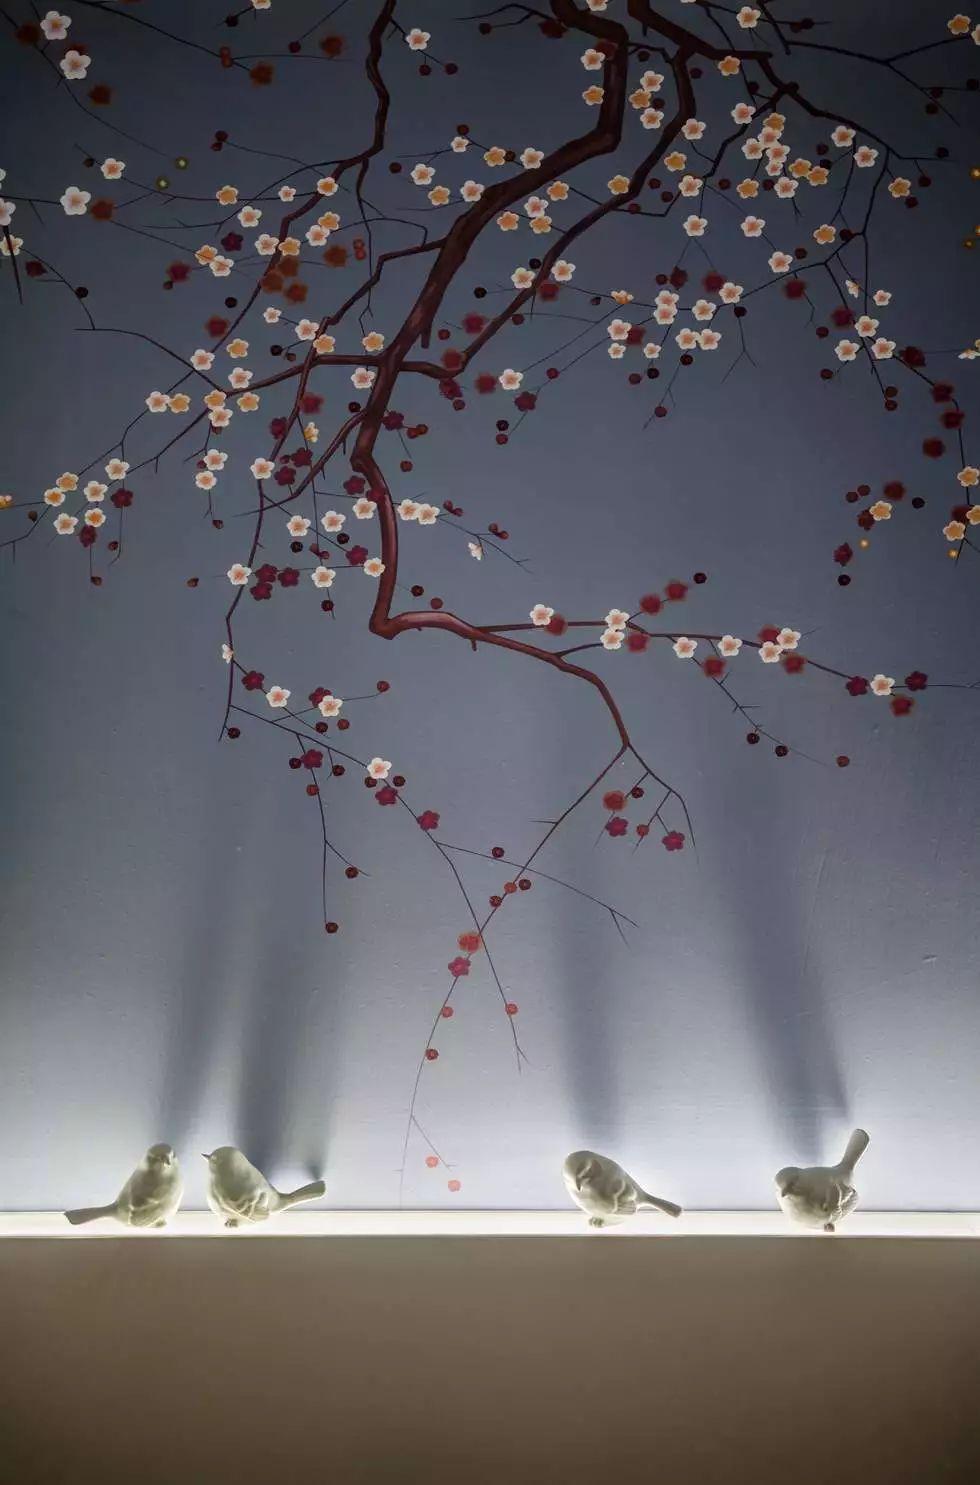 这套新中式真是美醉传奇私服1.80带英雄了,花鸟、树木,禅意、端庄